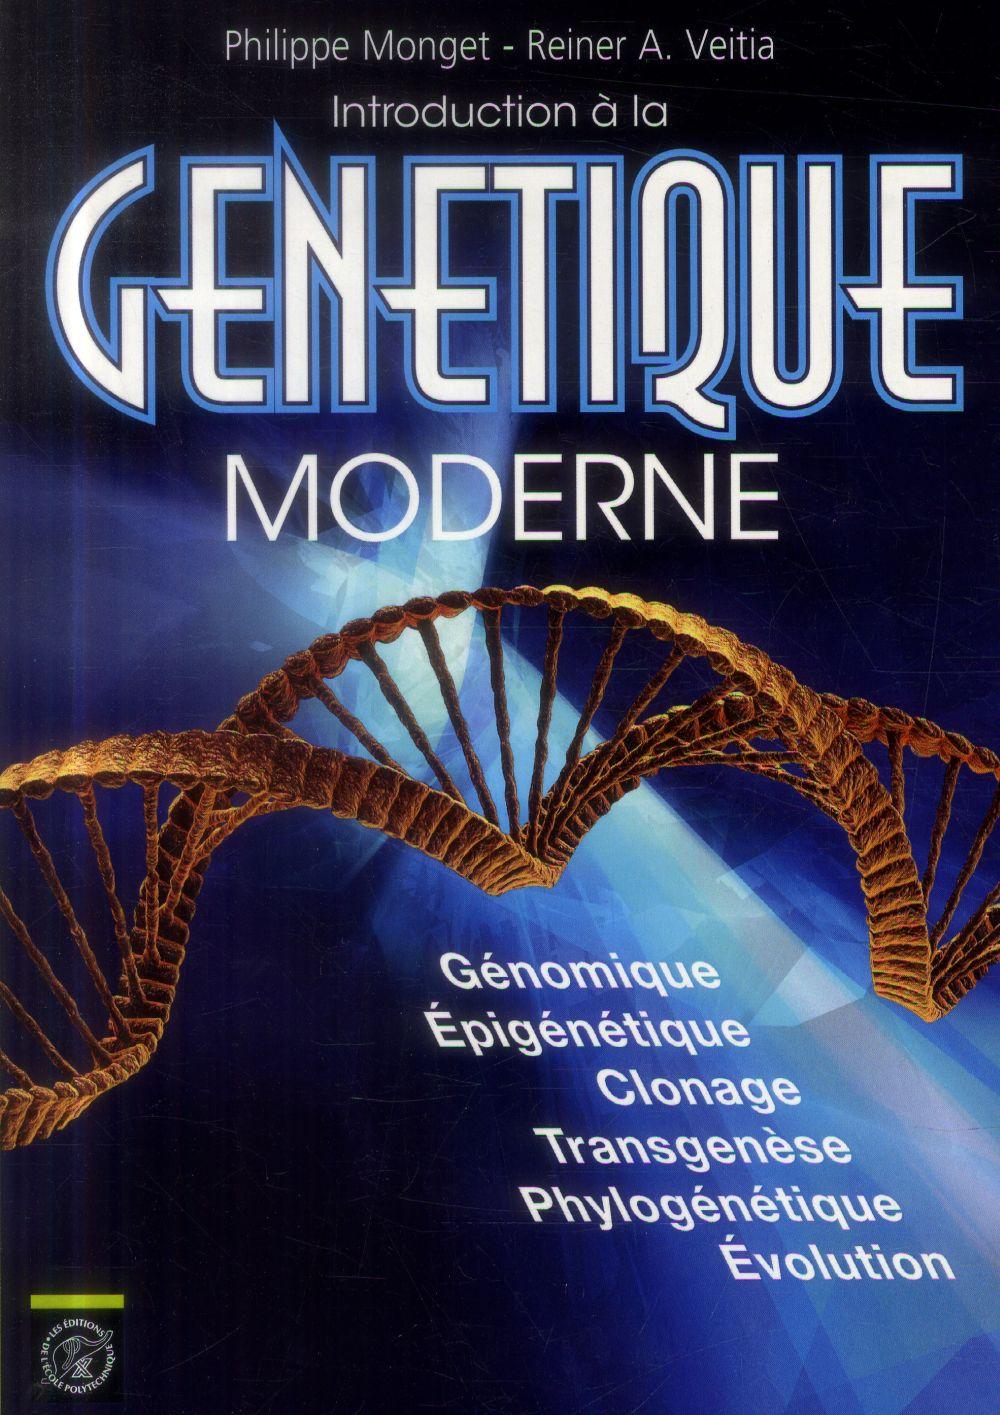 INTRODUCTION A LA GENETIQUE MODERNE